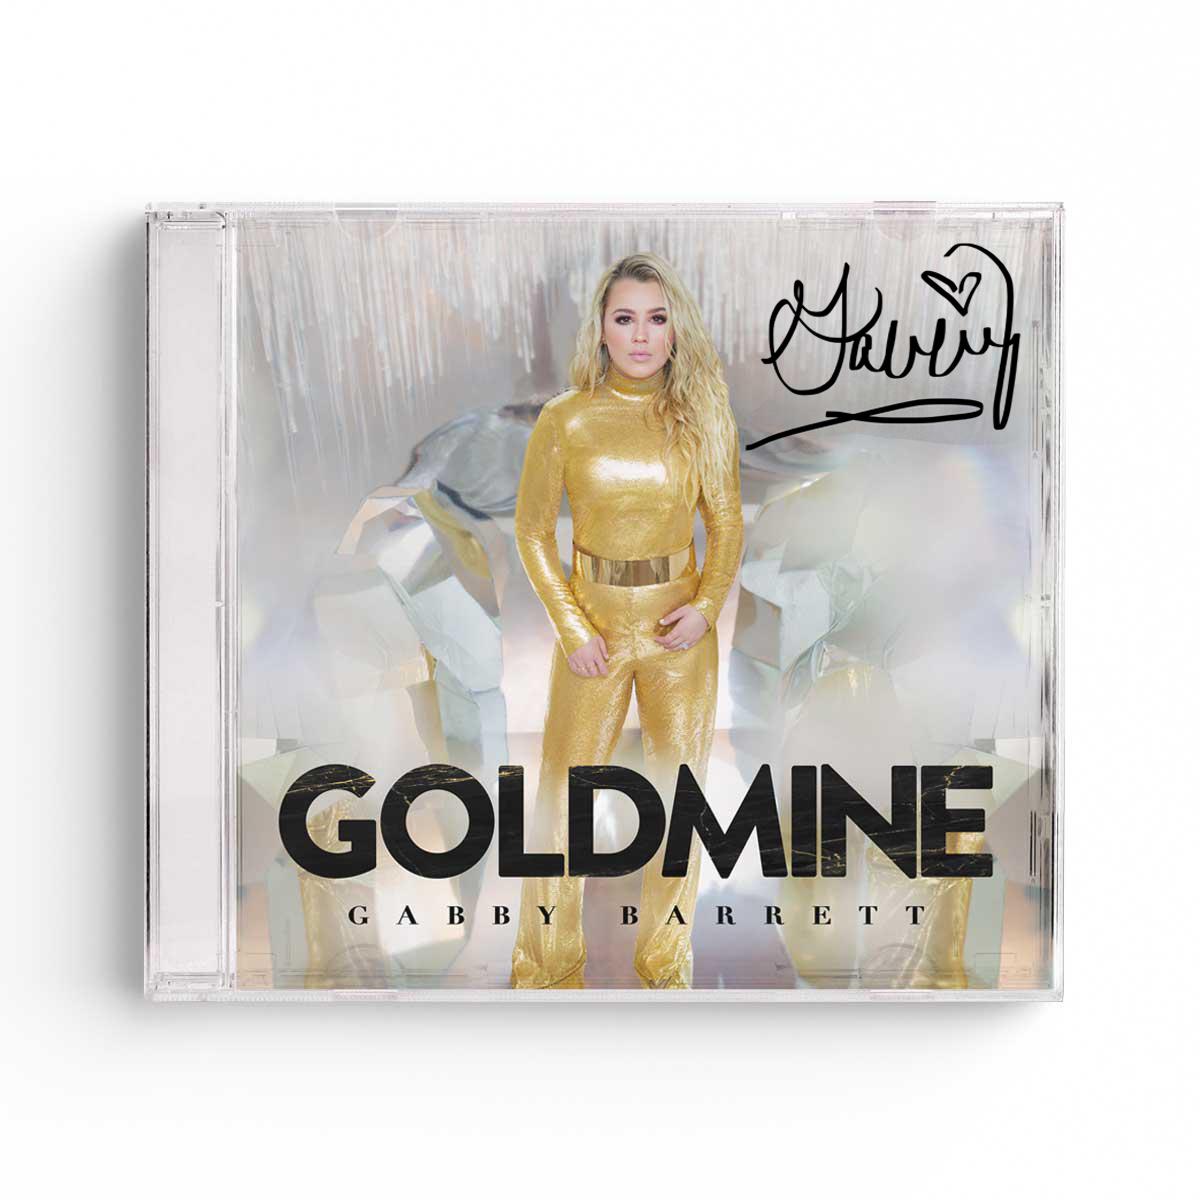 Goldmine Signed CD